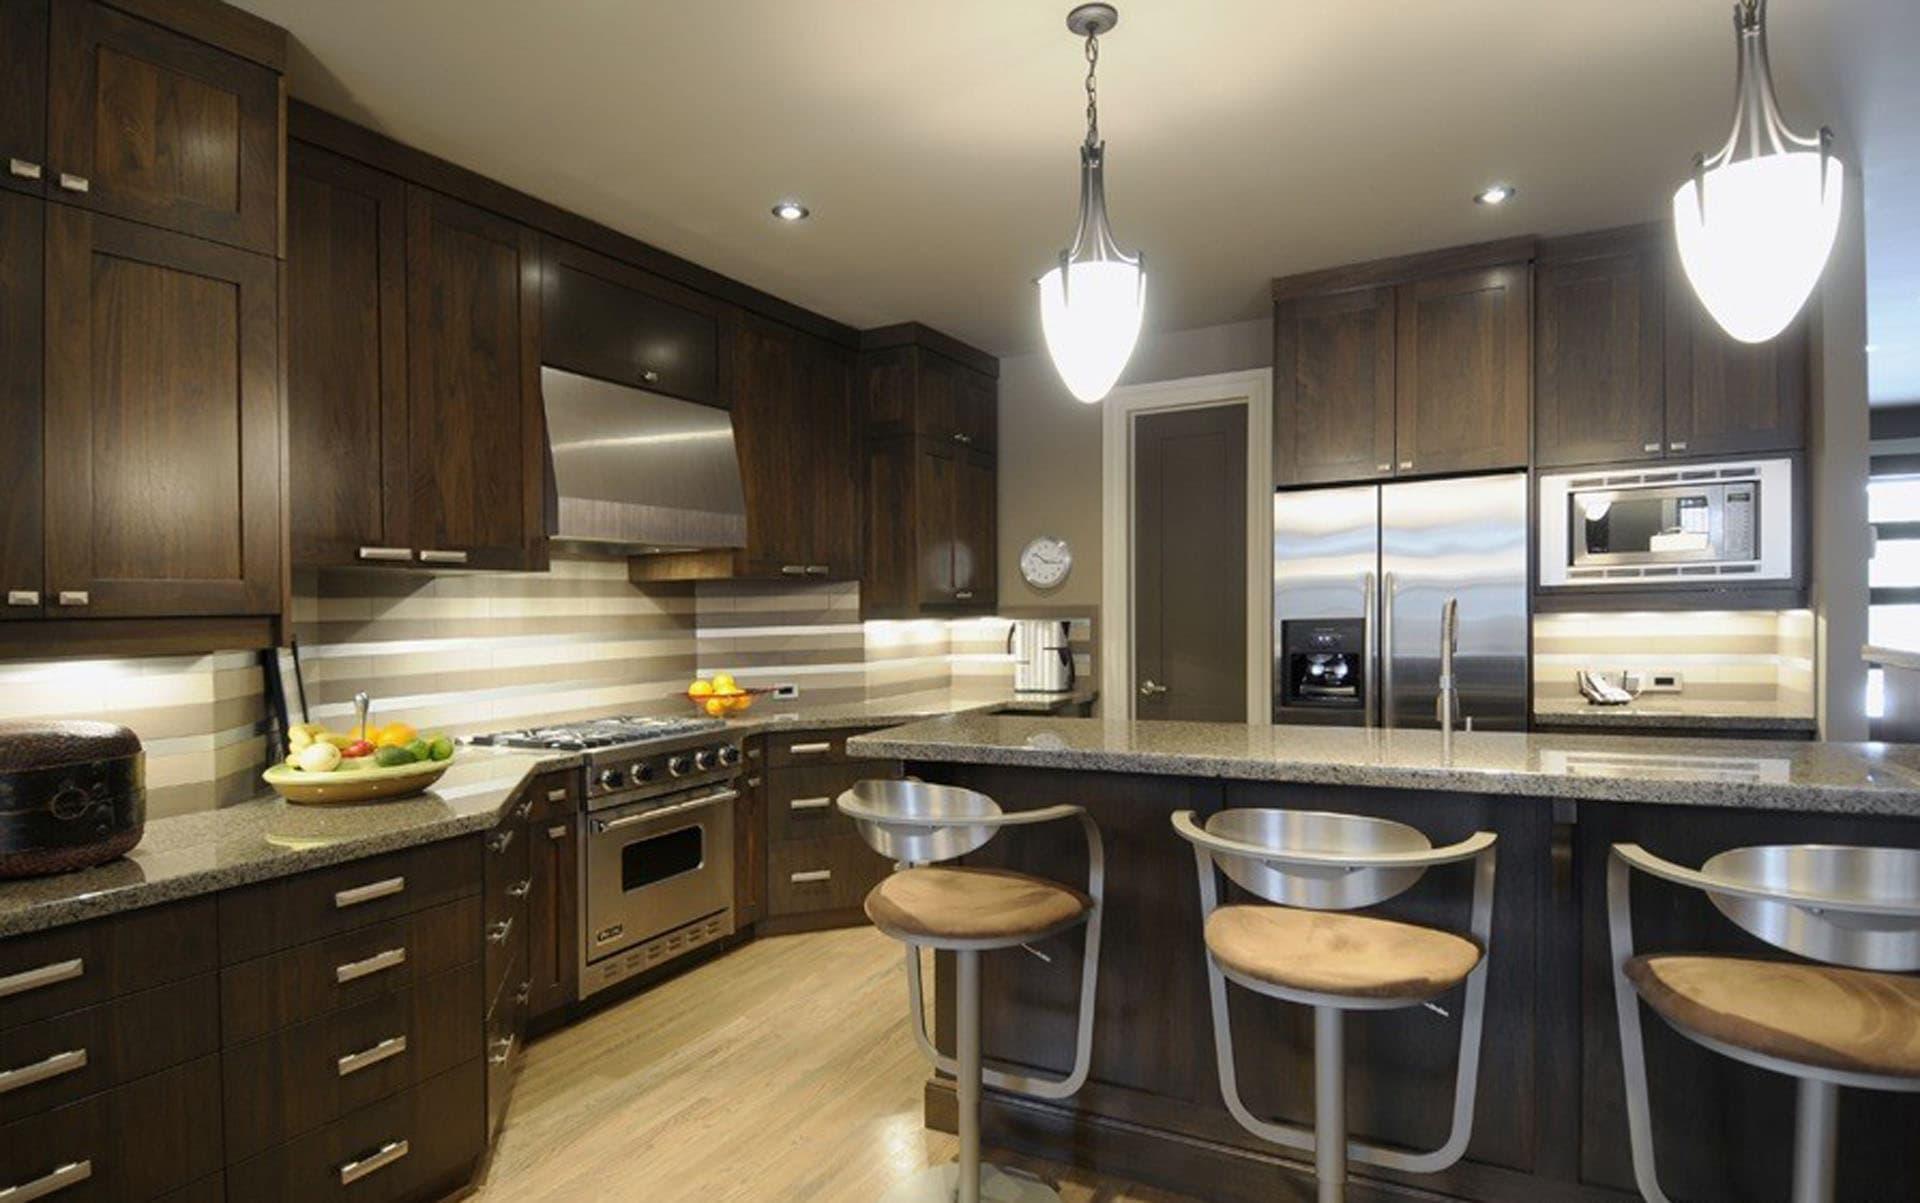 wasserman kitchen complete